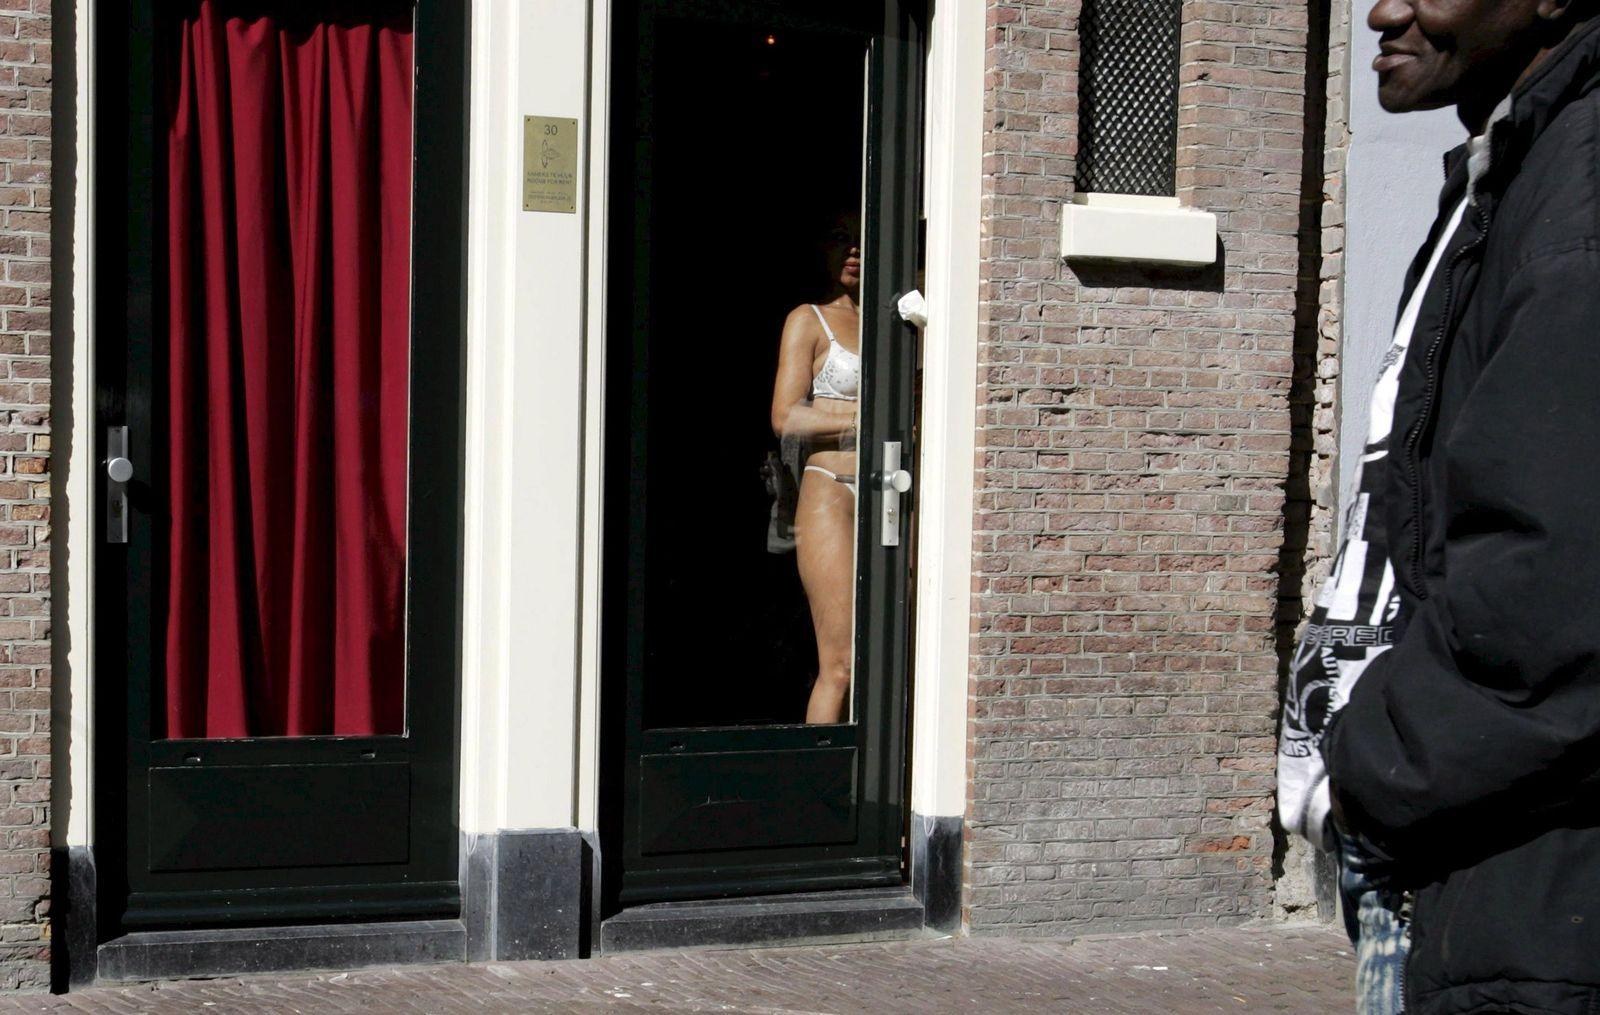 Strassenstrich amsterdam Prostitution in